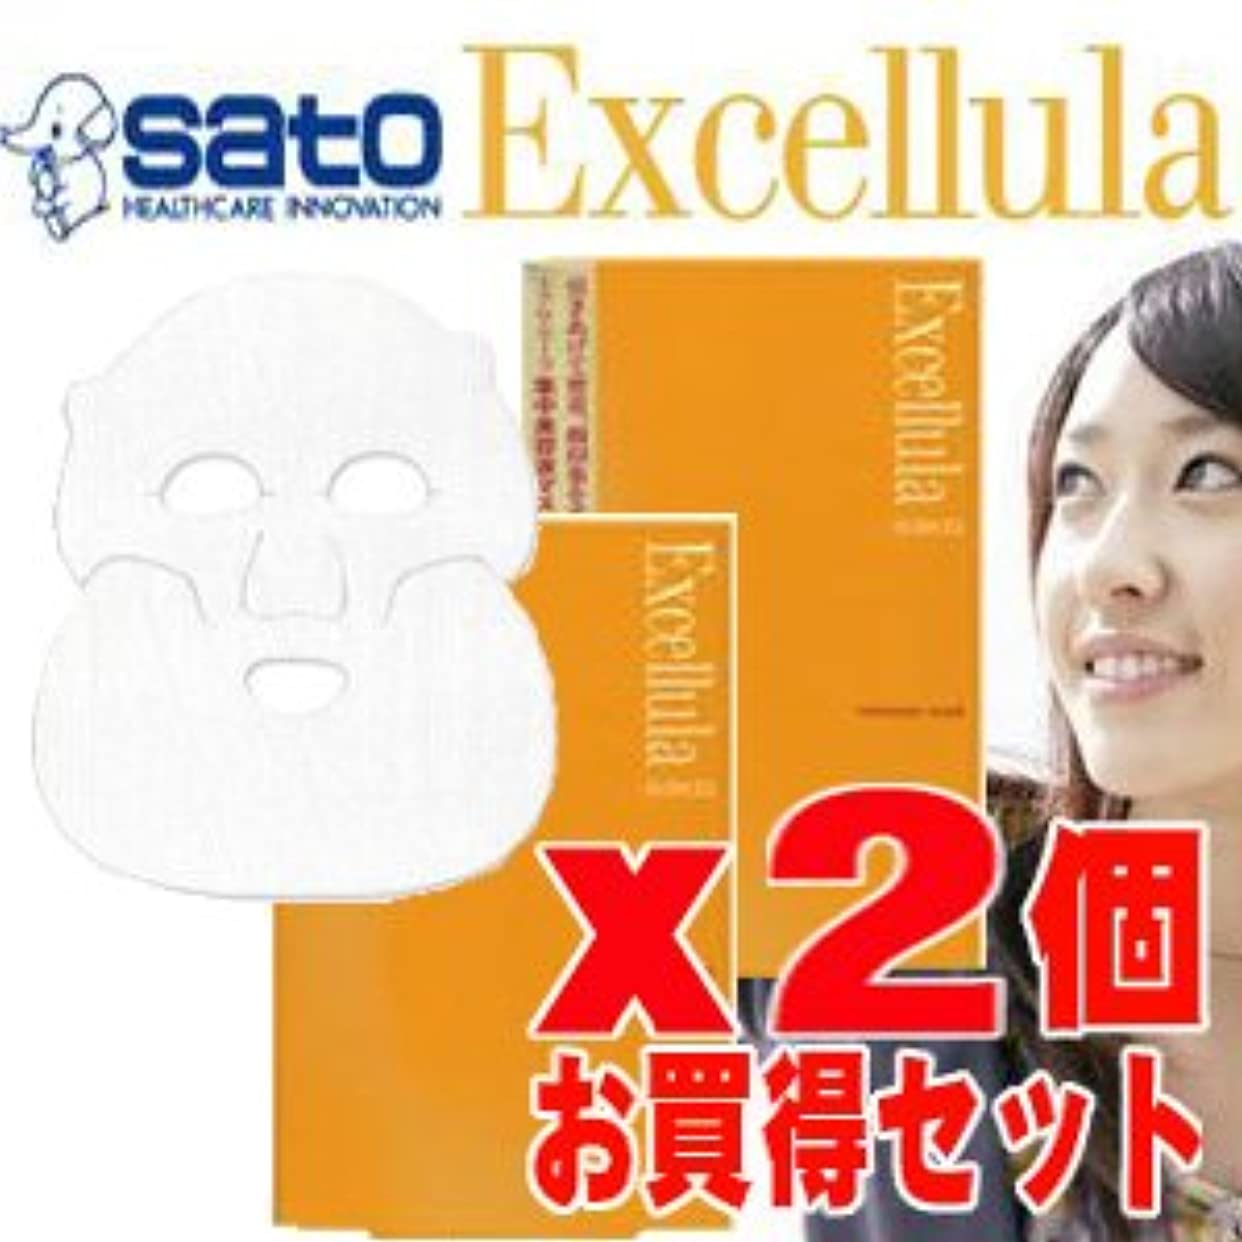 同僚レース取り組む★お買得2個★ エクセルーラ モイスチュアマスク (シート状美容液マスク) 26mL×4枚(4回分) x2個セット